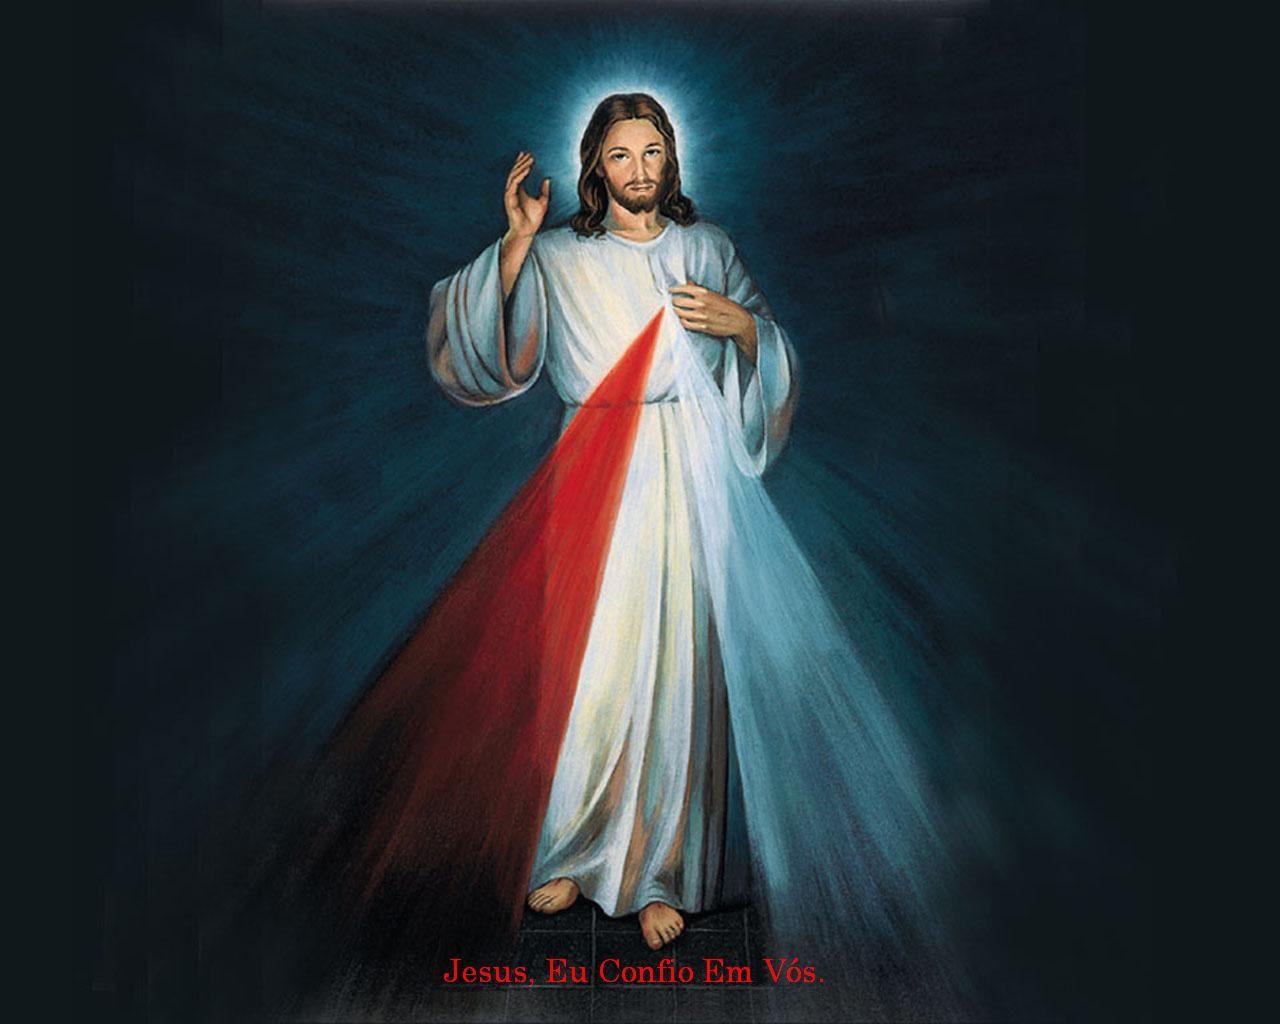 Muitas vezes imagen de jesus misericordioso - de búsqueda | Józef | Pinterest  ON03